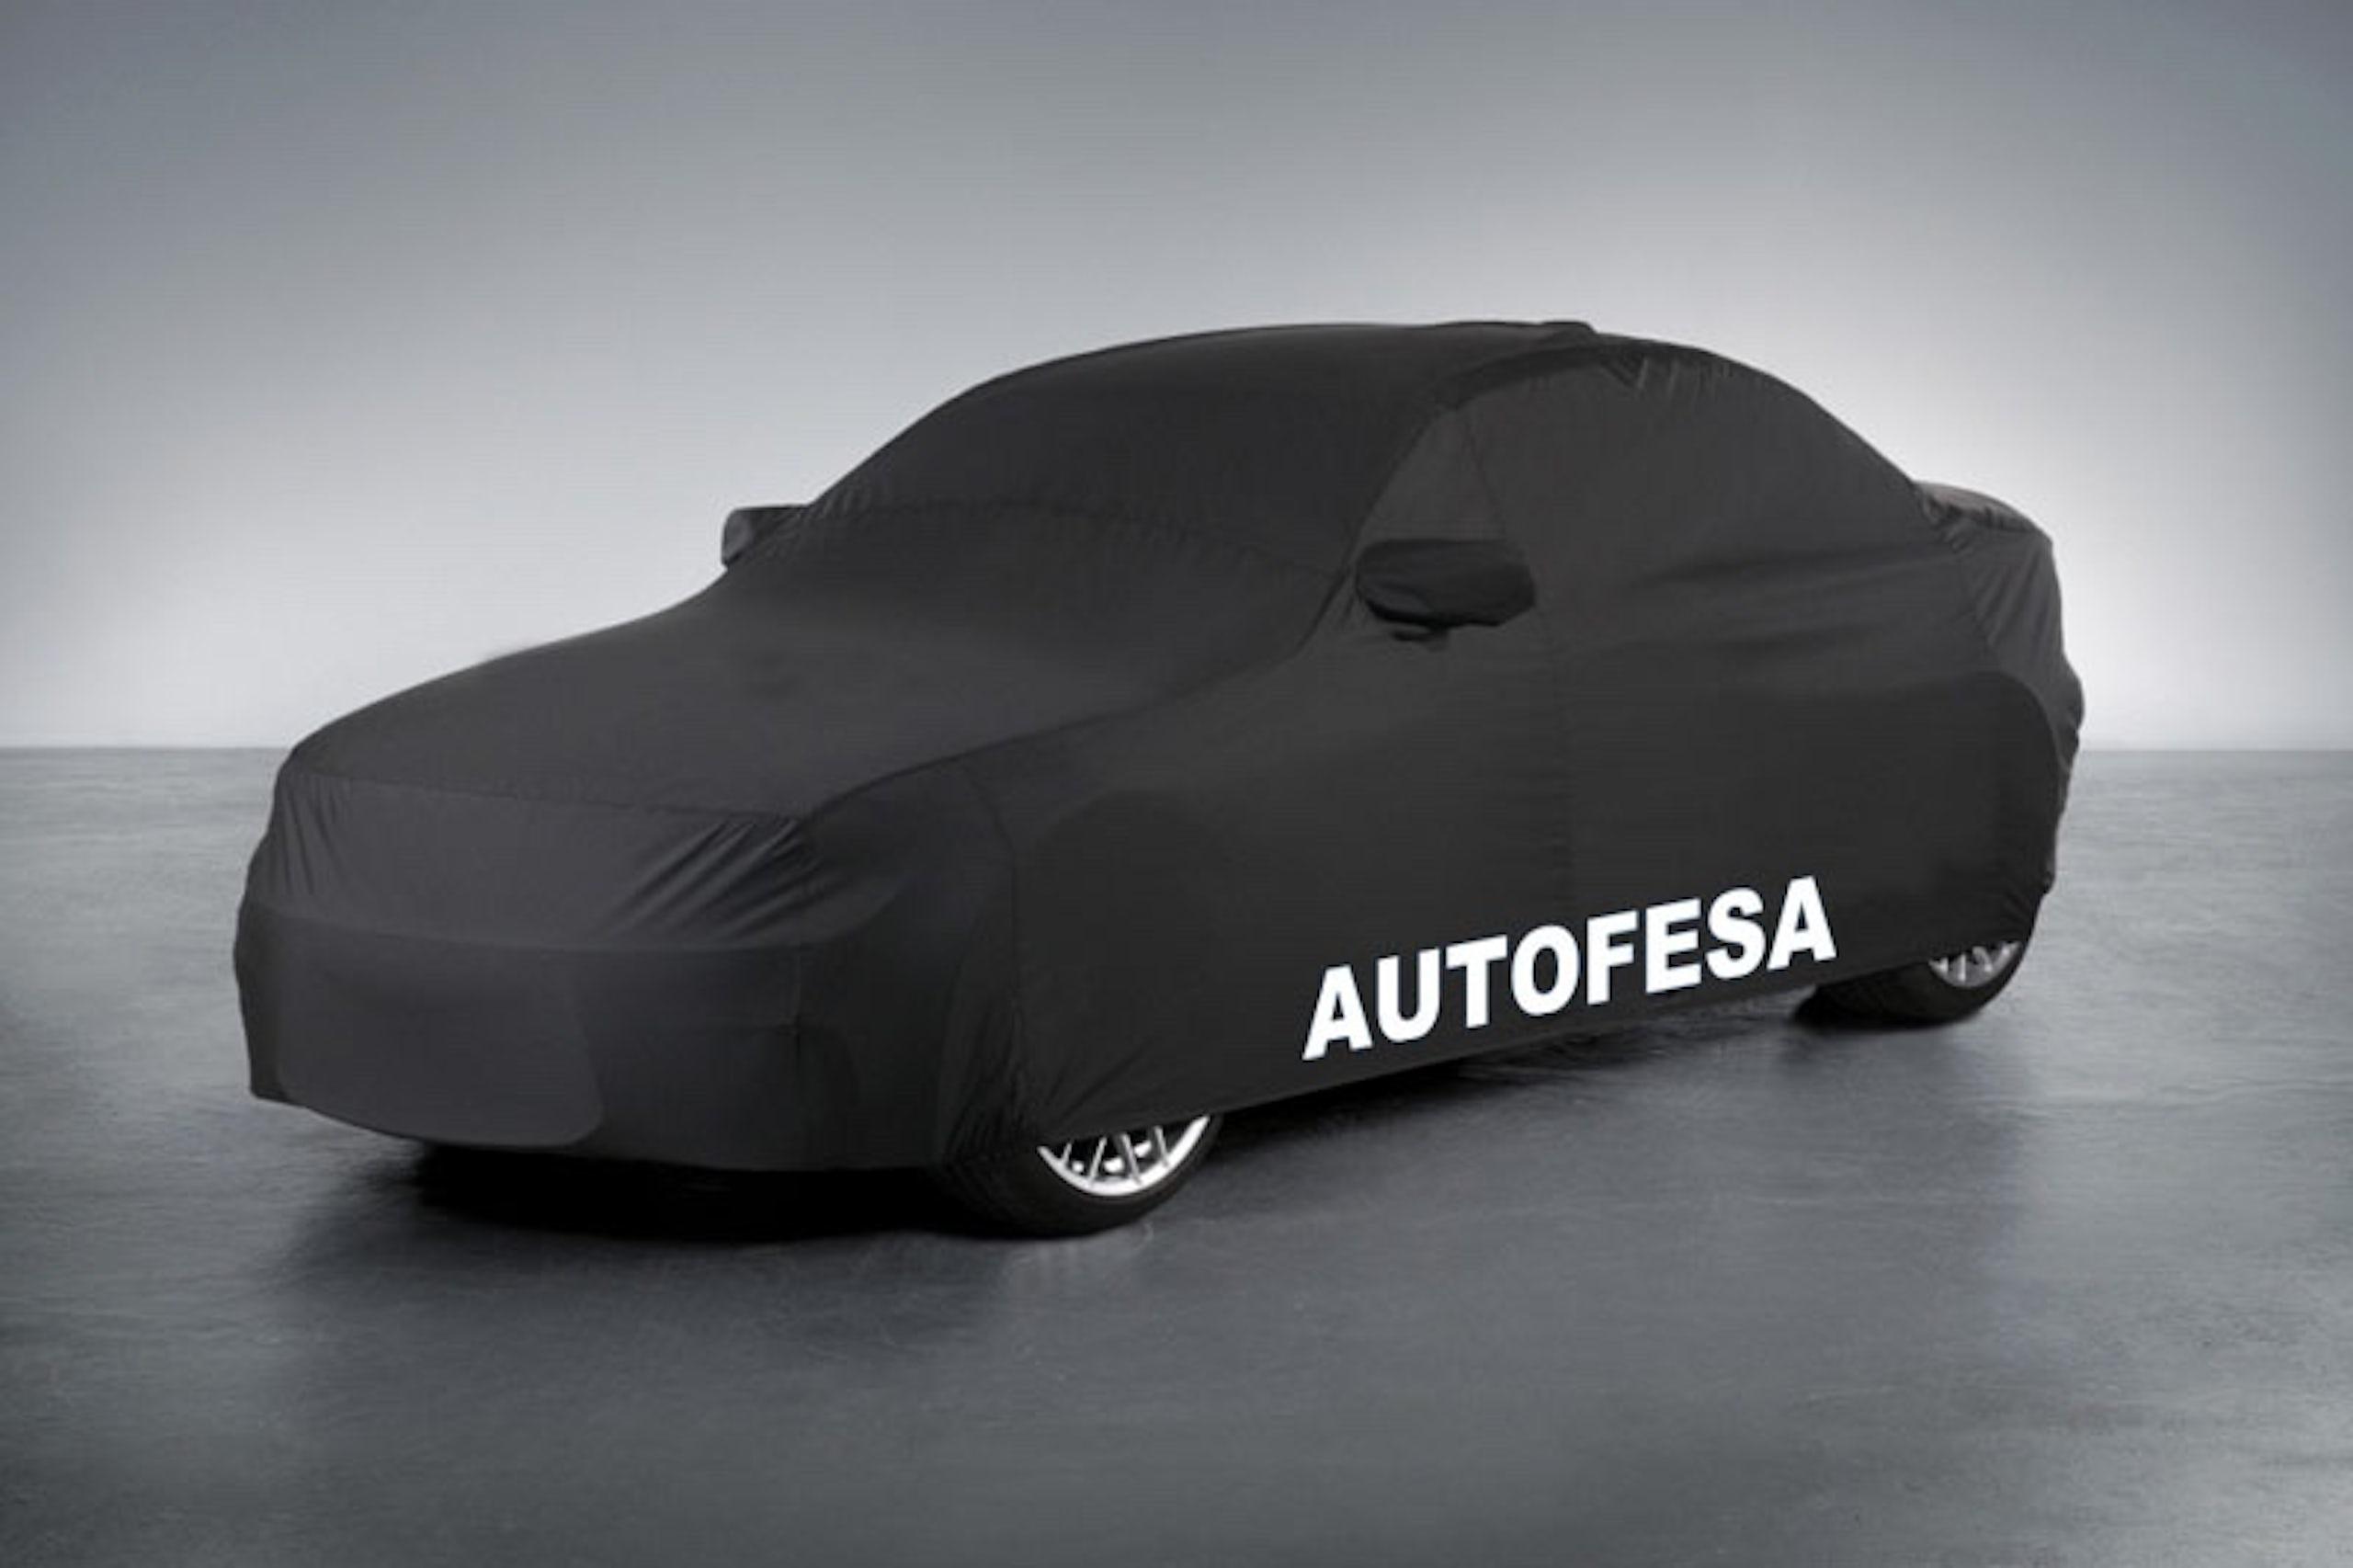 Audi A6 3.0 TDI AVANT 272cv quattro 4p S tronic Auto S/S - Foto 17